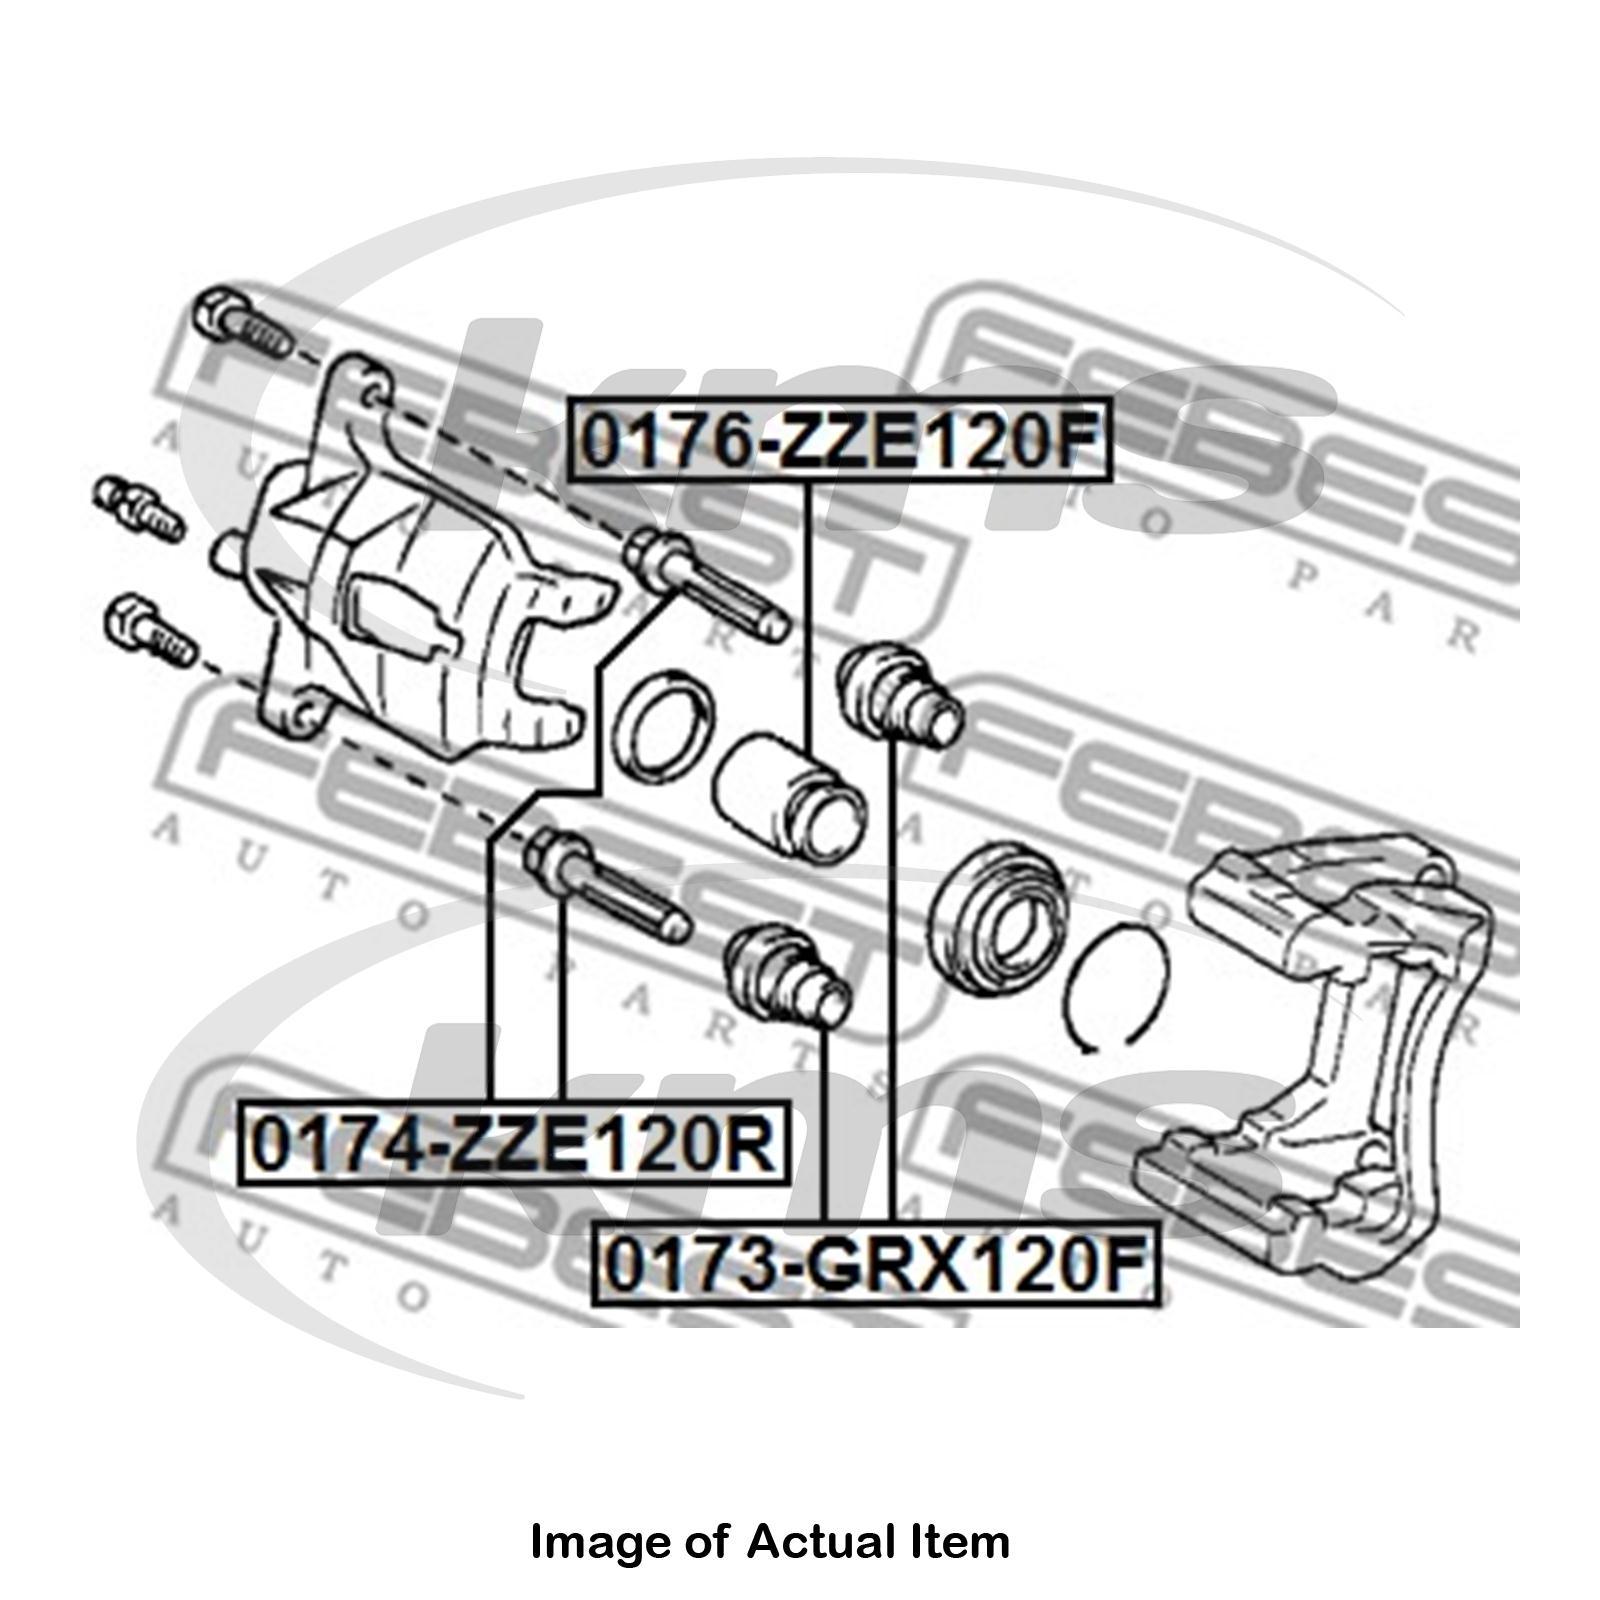 FEBEST 0176-NZE121F Front Brake Cylinder Piston